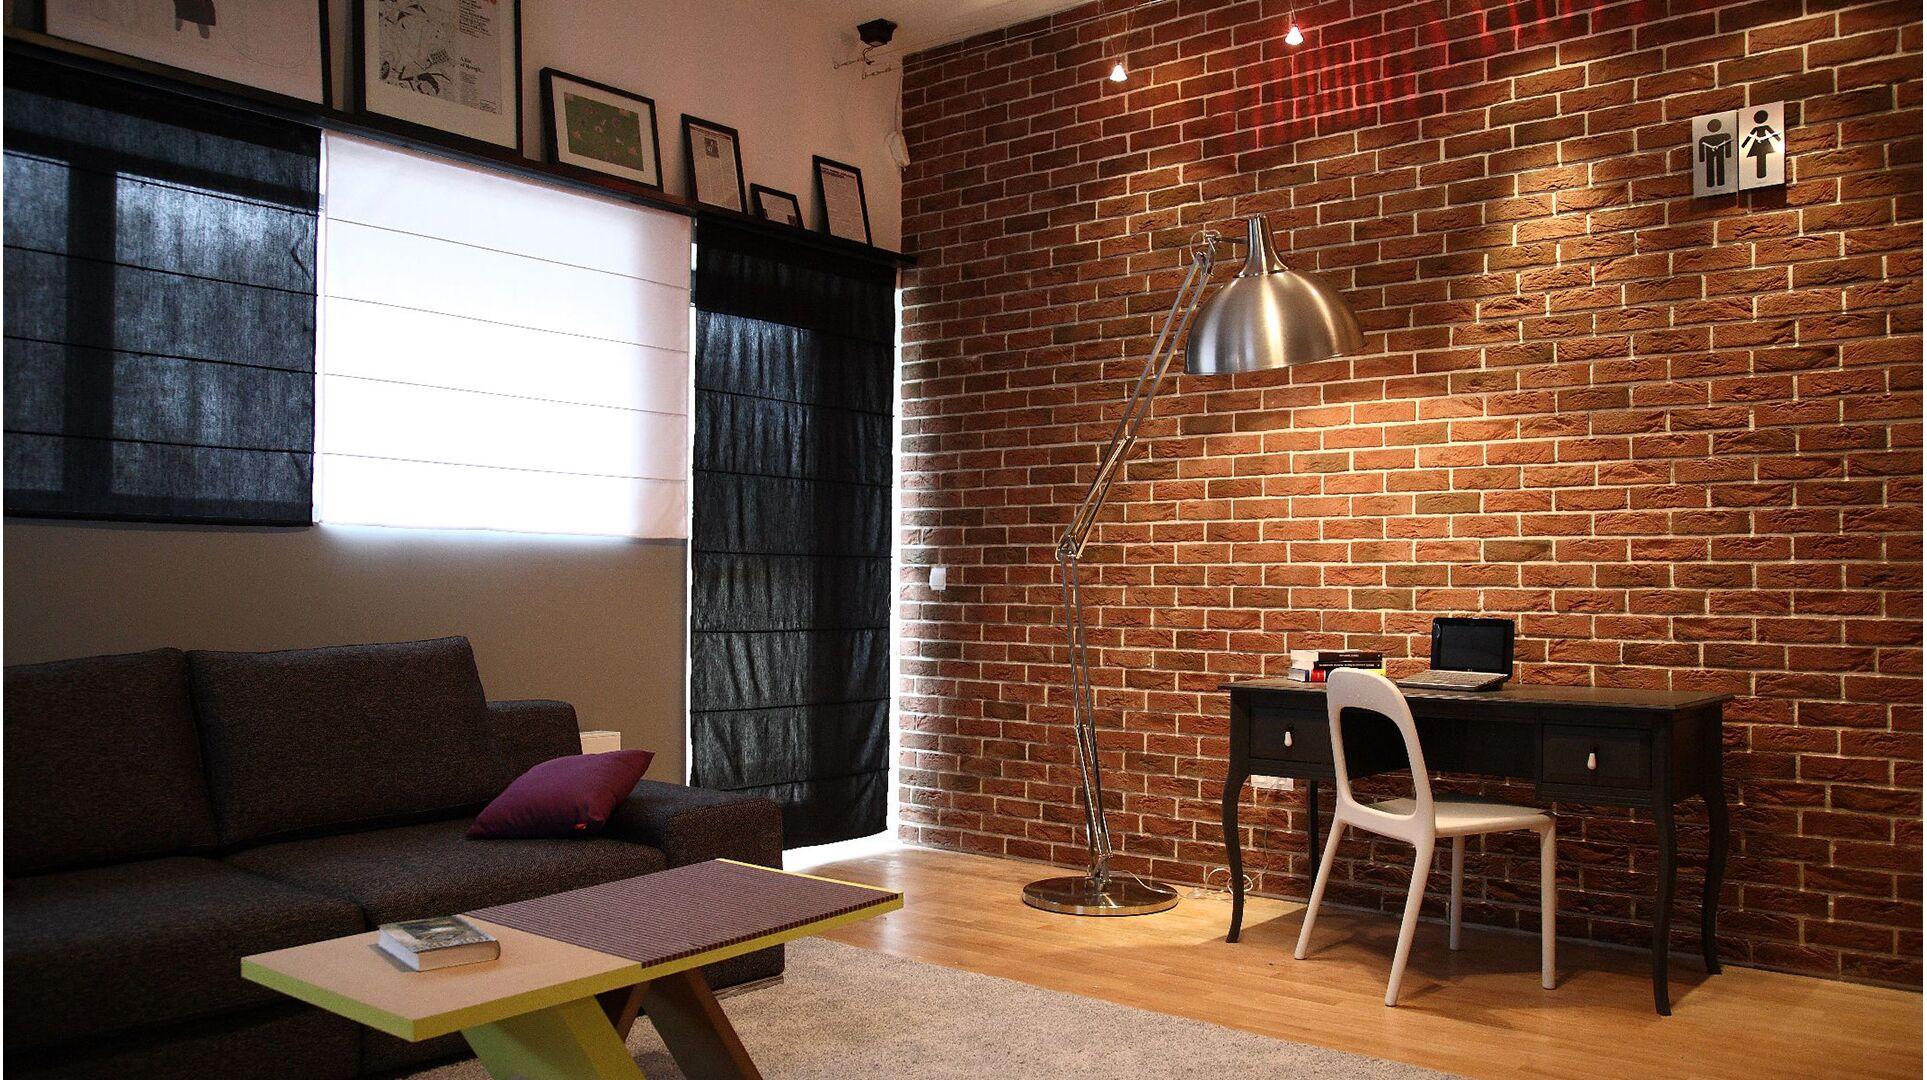 Country 640 brique en b ton pour mur ext rieur for Mur design exterieur